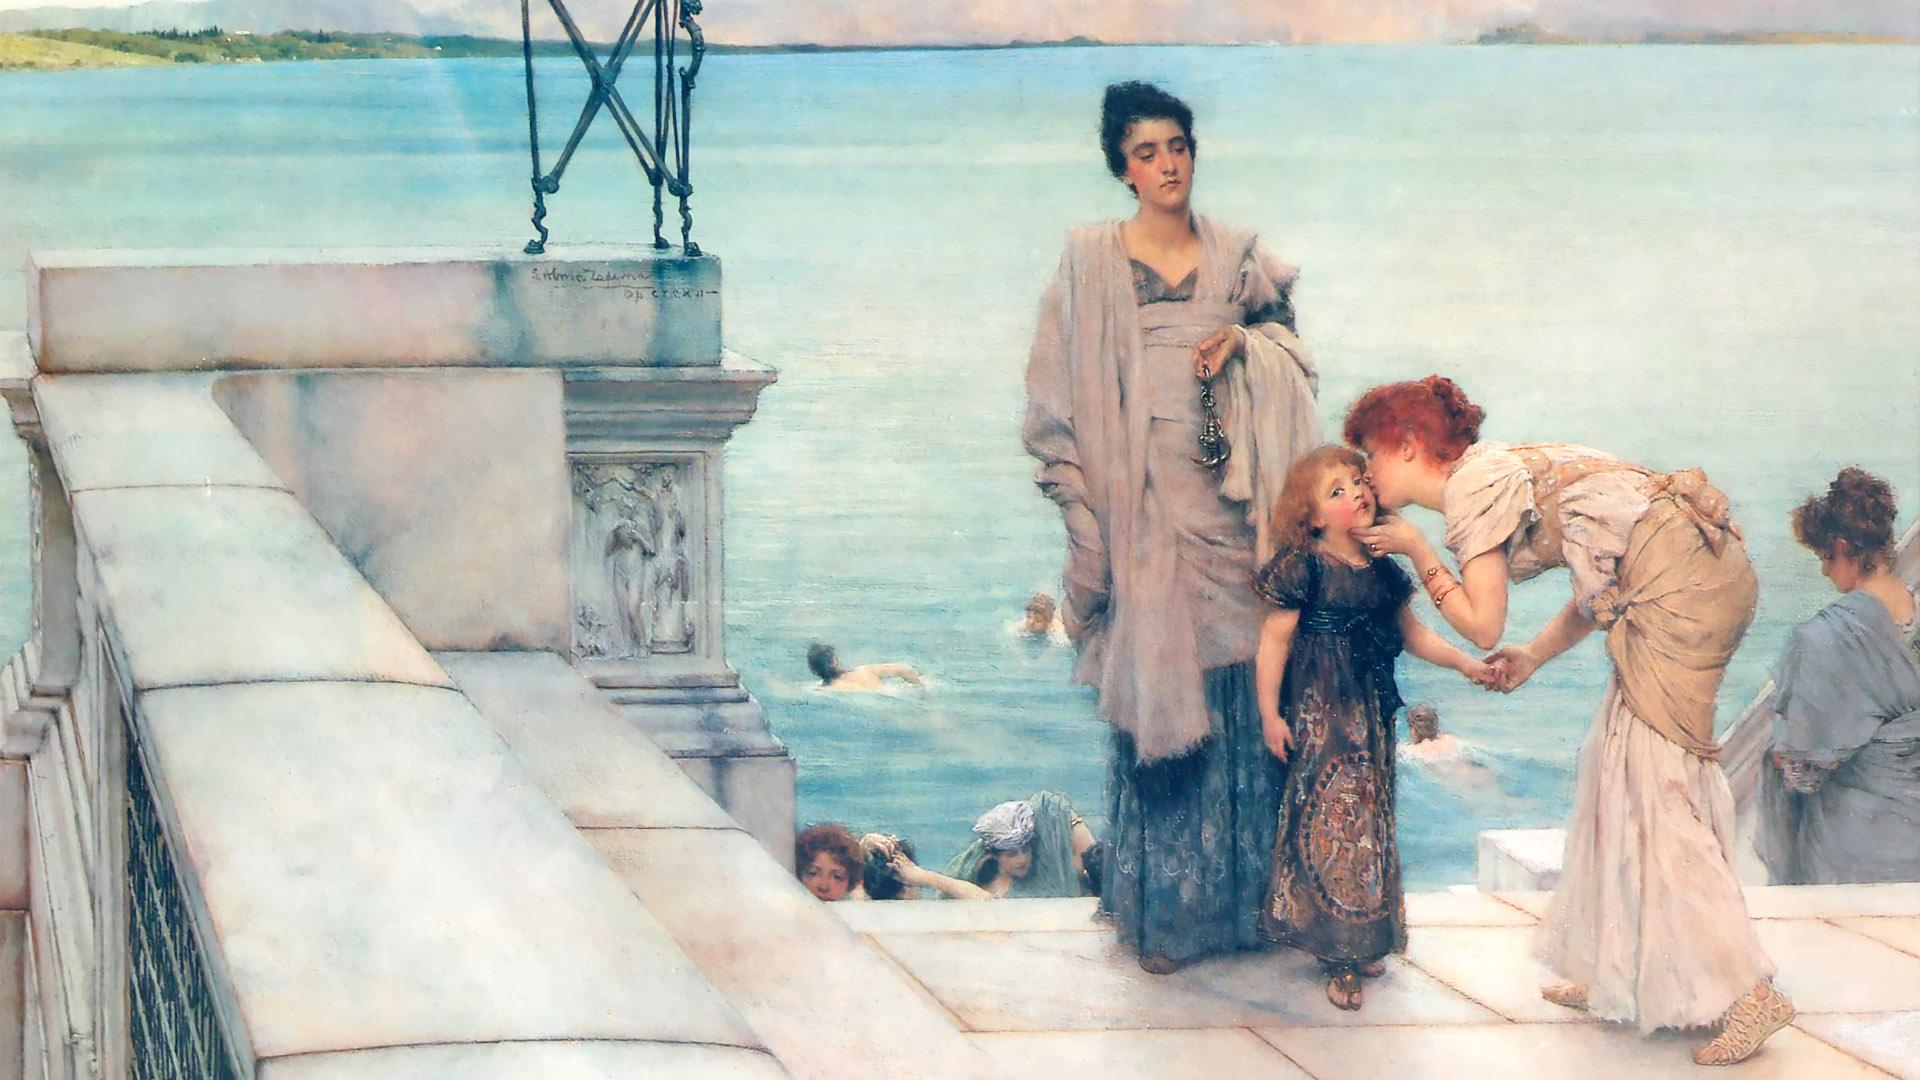 ローレンス・アルマ=タデマ Lawrence Alma-Tadema - A Kiss 1920x1080